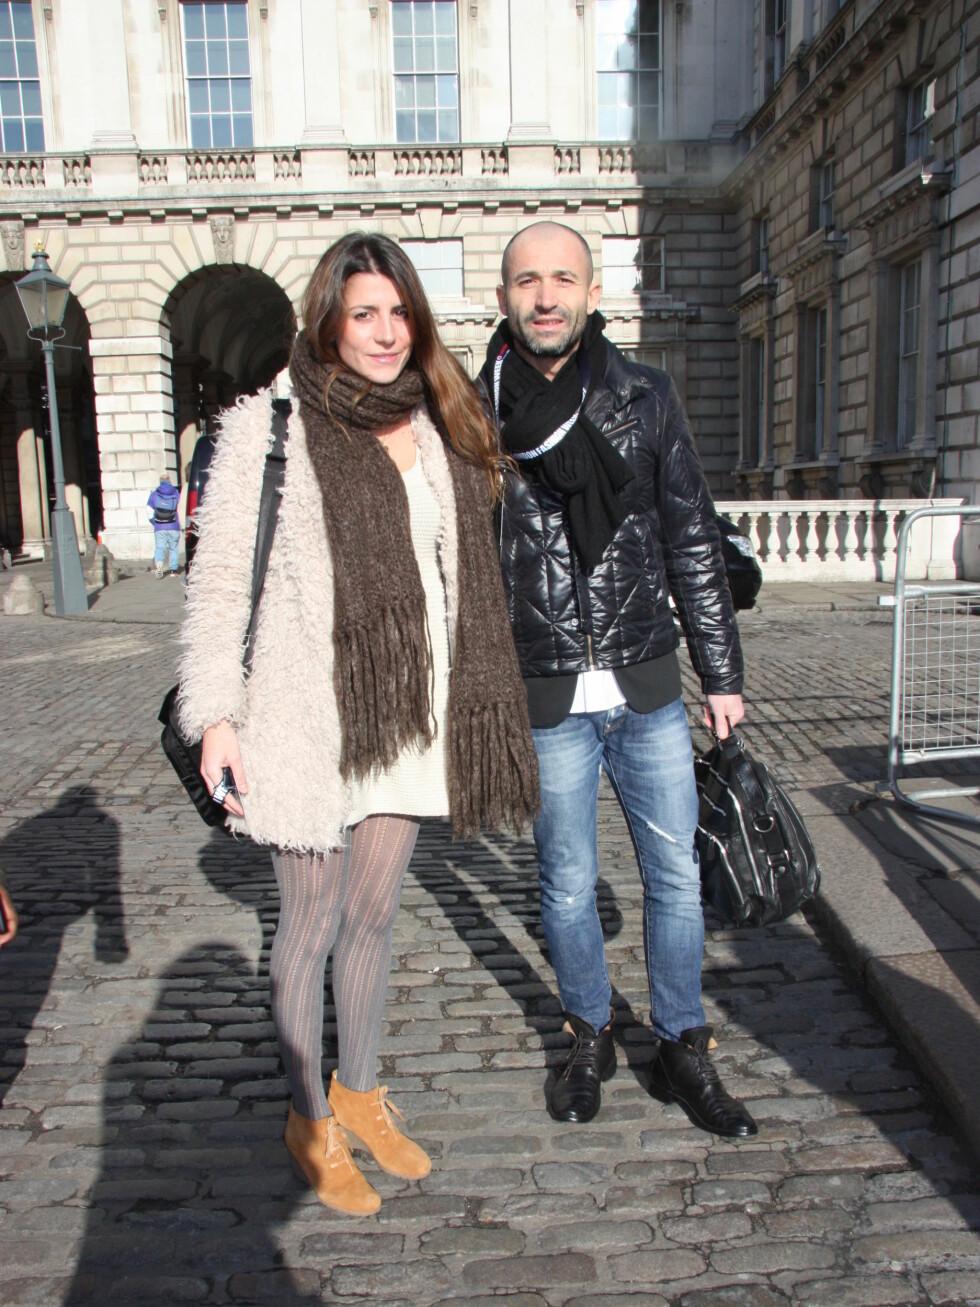 Francesca Golini (28)Har på seg: Kjole fra Topshop, jakke fra Zara, skjerf  arvet av bestemor, og sko fra Madrid. Sesongens must have:- Mismatching synes jeg er kult – altså, masse forskjellige mønster.  Foto: Tone Ra Pedersen